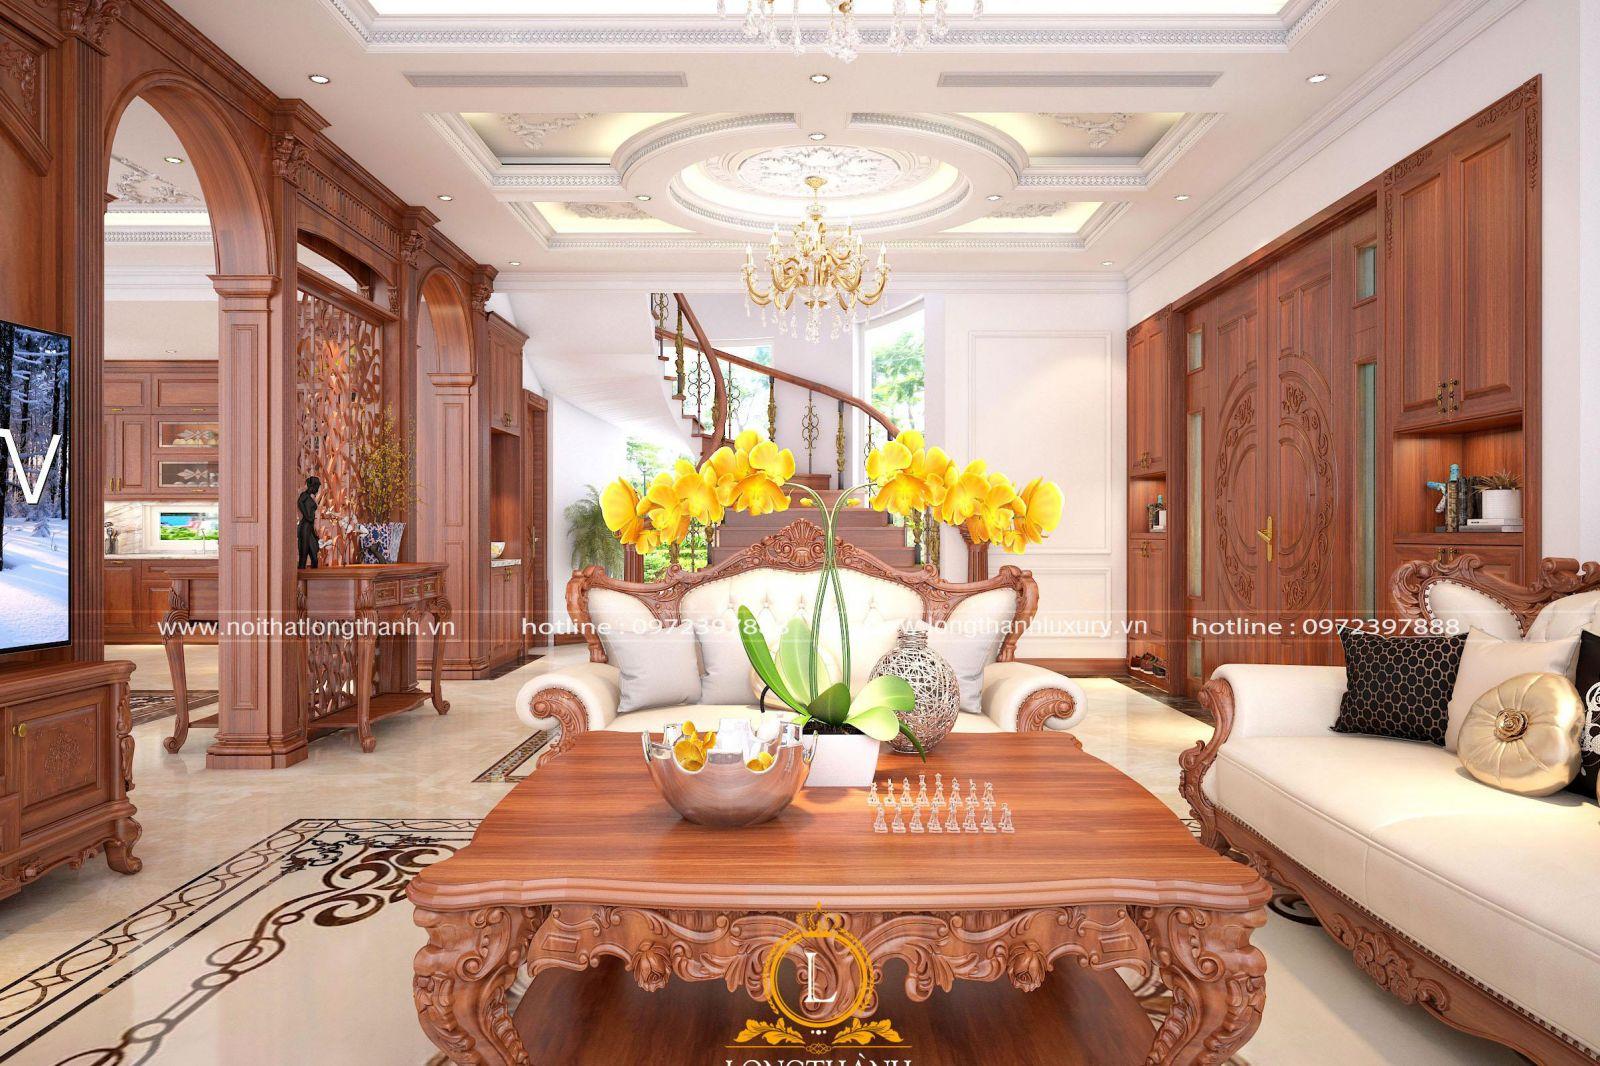 Nội thất phòng khách biệt thự tân cổ điển lộng lẫy cùng chất lượng gỗ tự nhiên